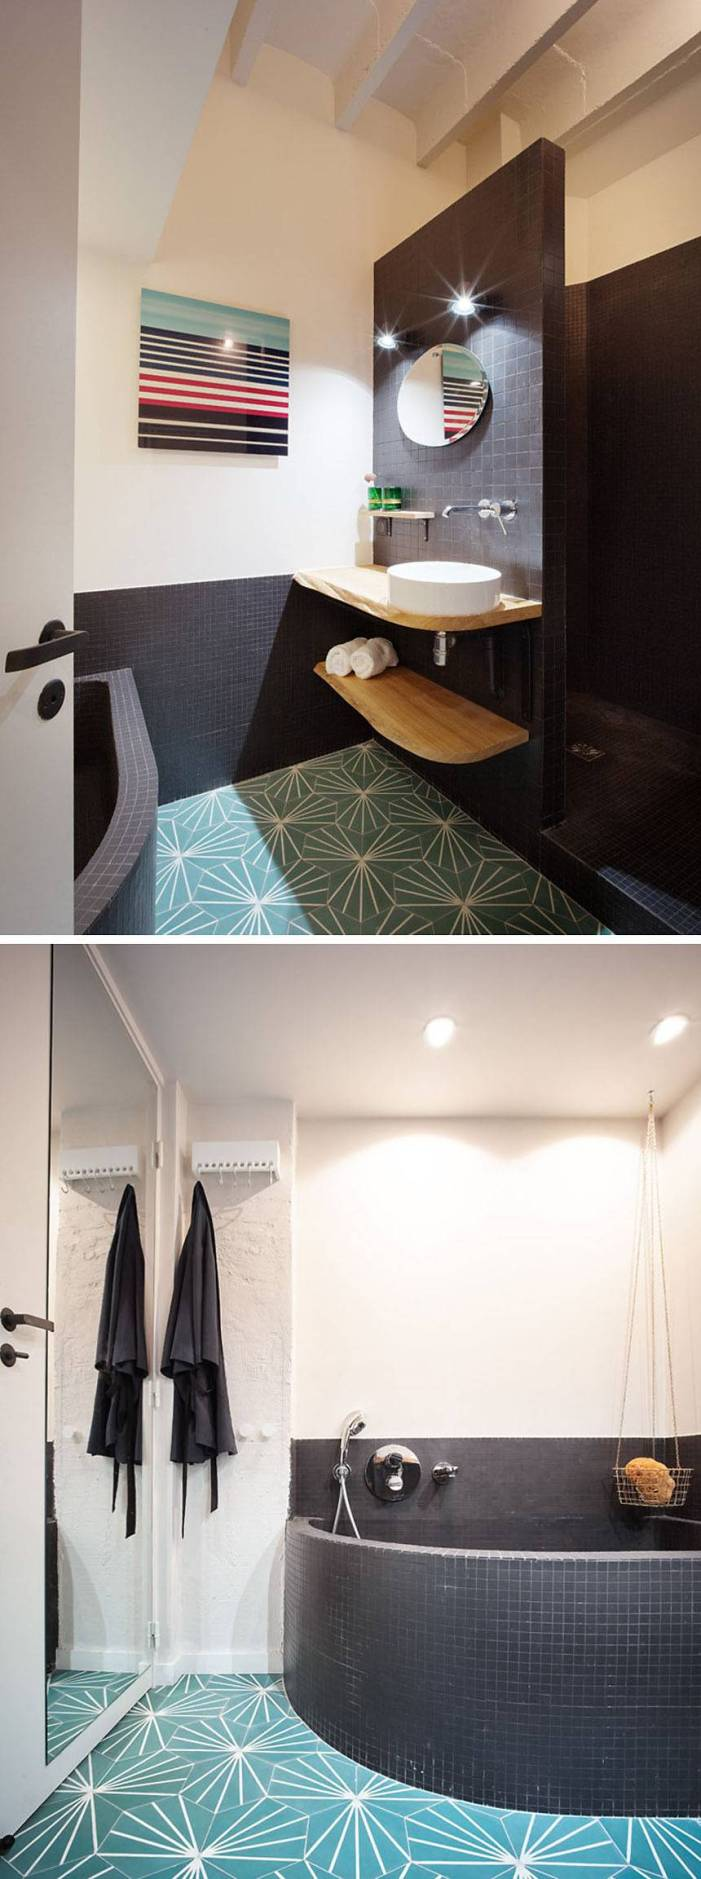 La salle de bain quand à elle est simple mais dispose d'une baignoire et d'une douche de belle dimension. Les carreaux colorés et à motifs ont été utilisés pour ajouter une certaine variété visuelle à l'espace.